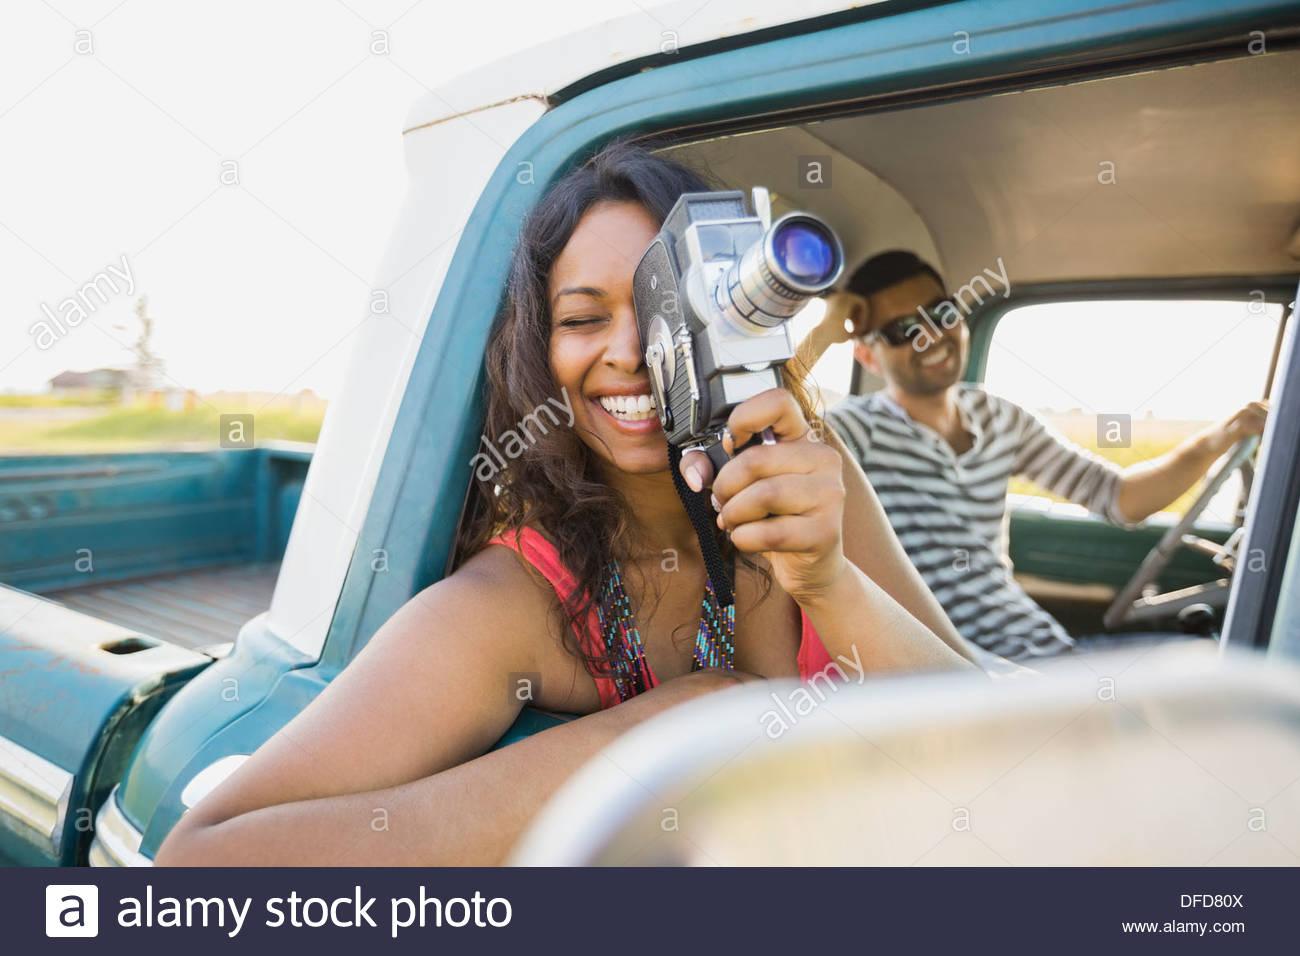 Mujer mirando a través de vintage cámara en camioneta pick-up Imagen De Stock